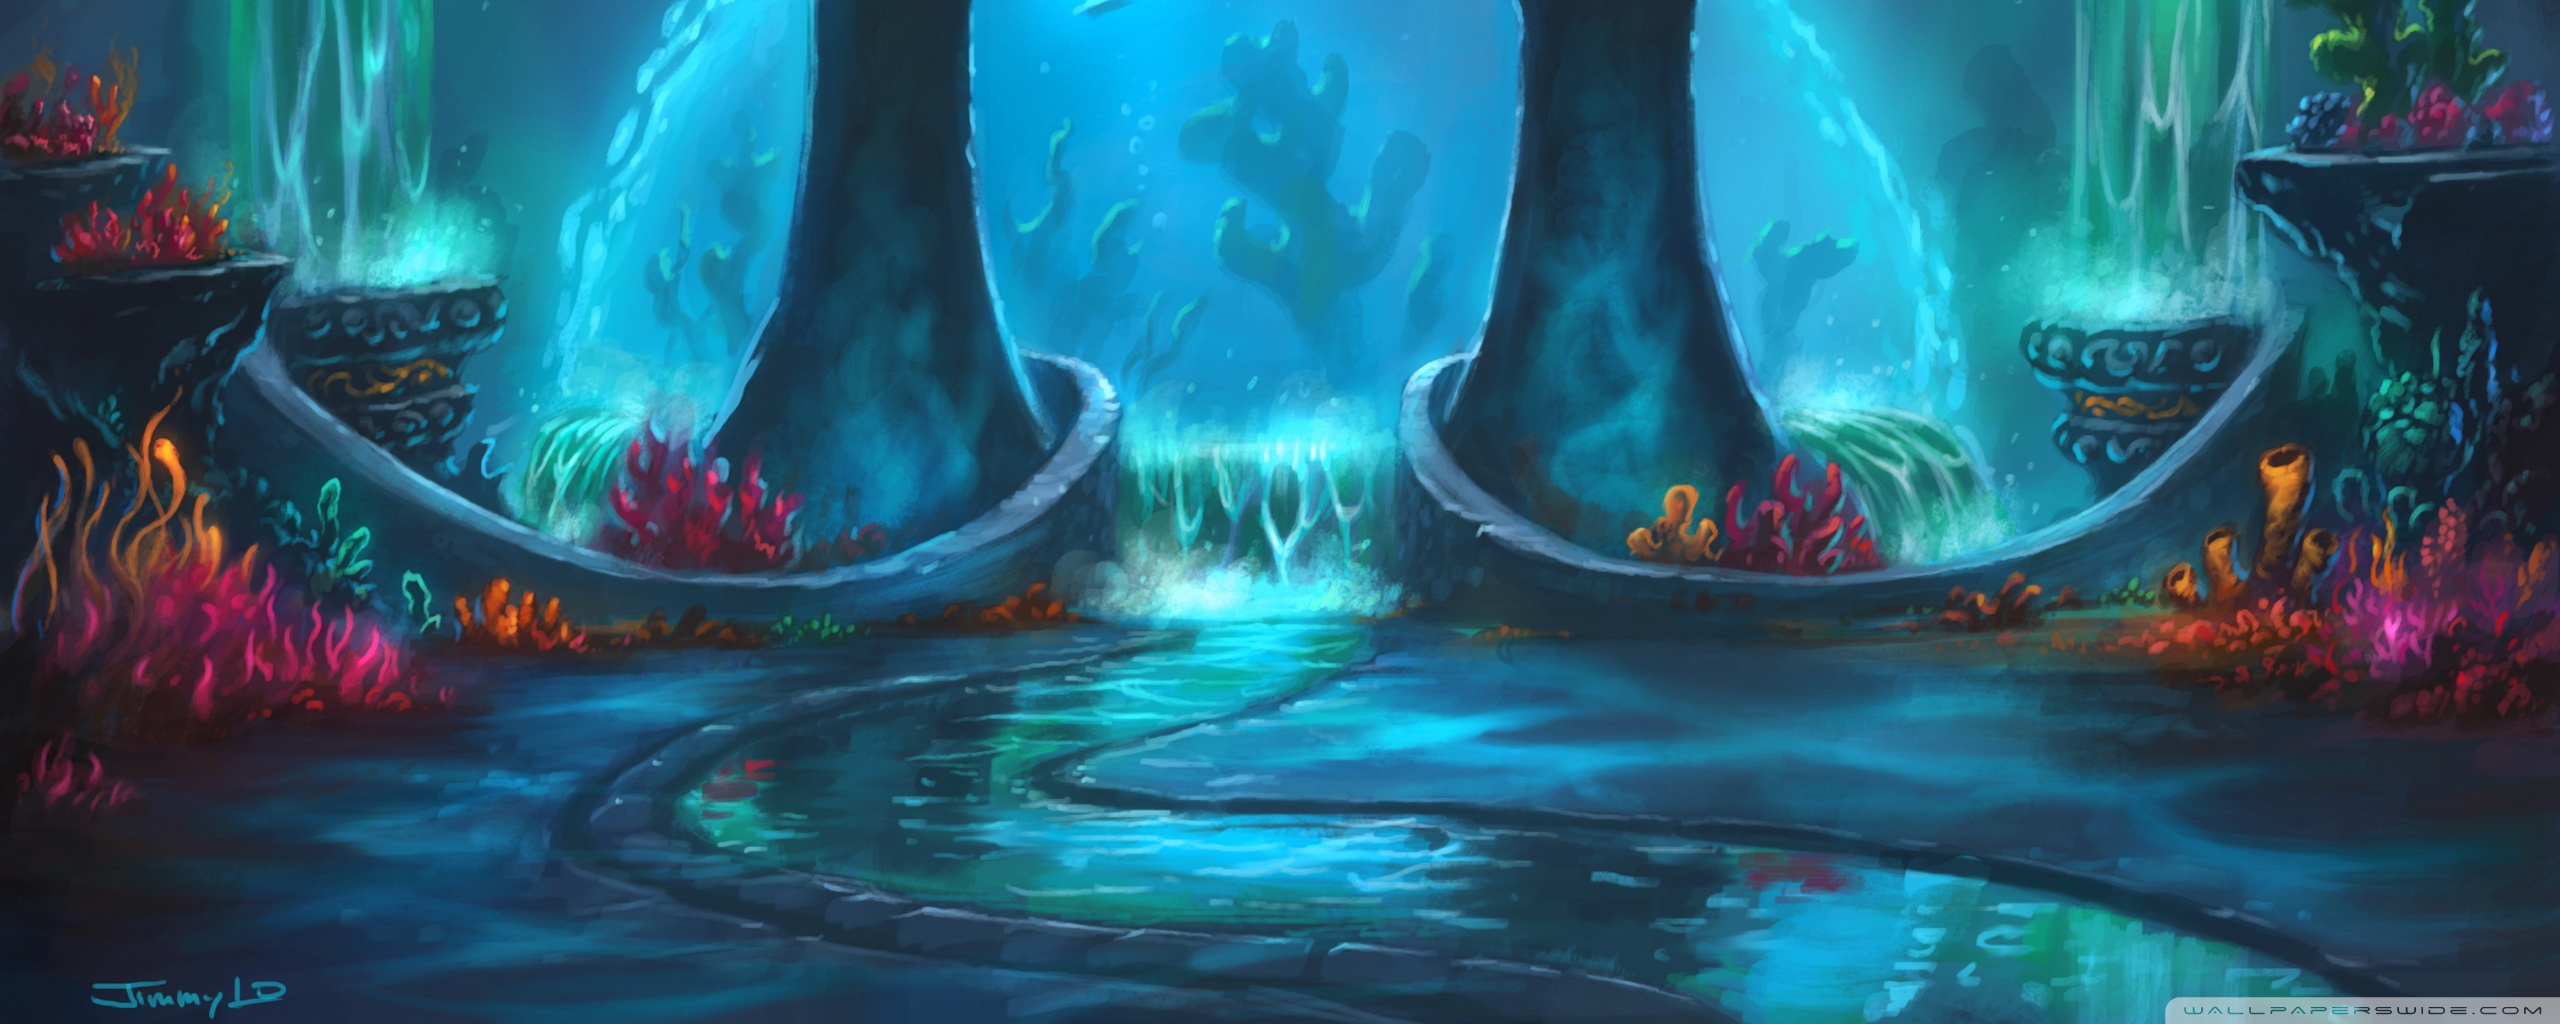 World Of Warcraft Cataclysm Game HD desktop wallpaper : Widescreen